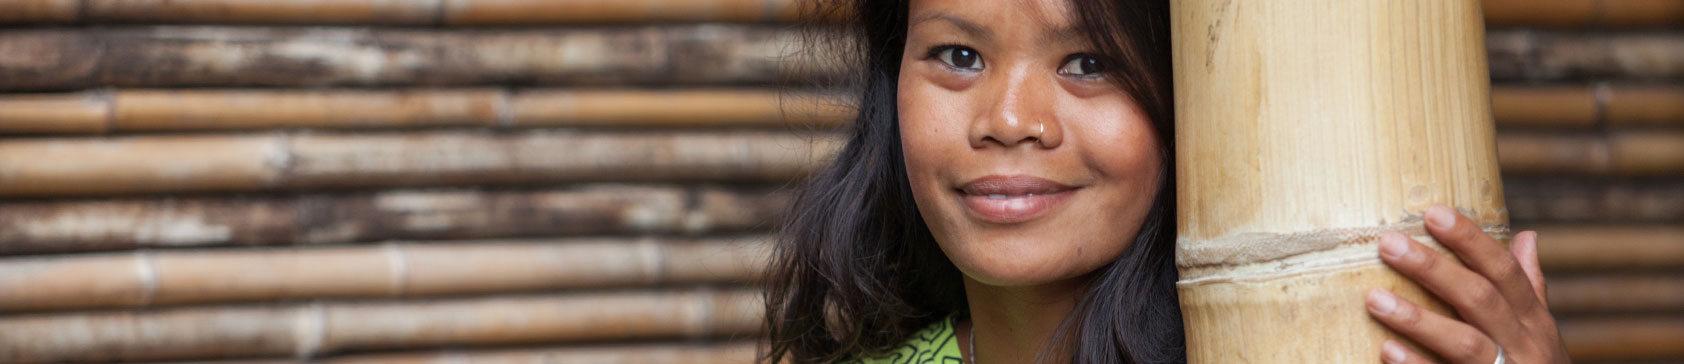 Tusalario.org/Guatemala - Salud y seguridad en el lugar de trabajo en Guatemala